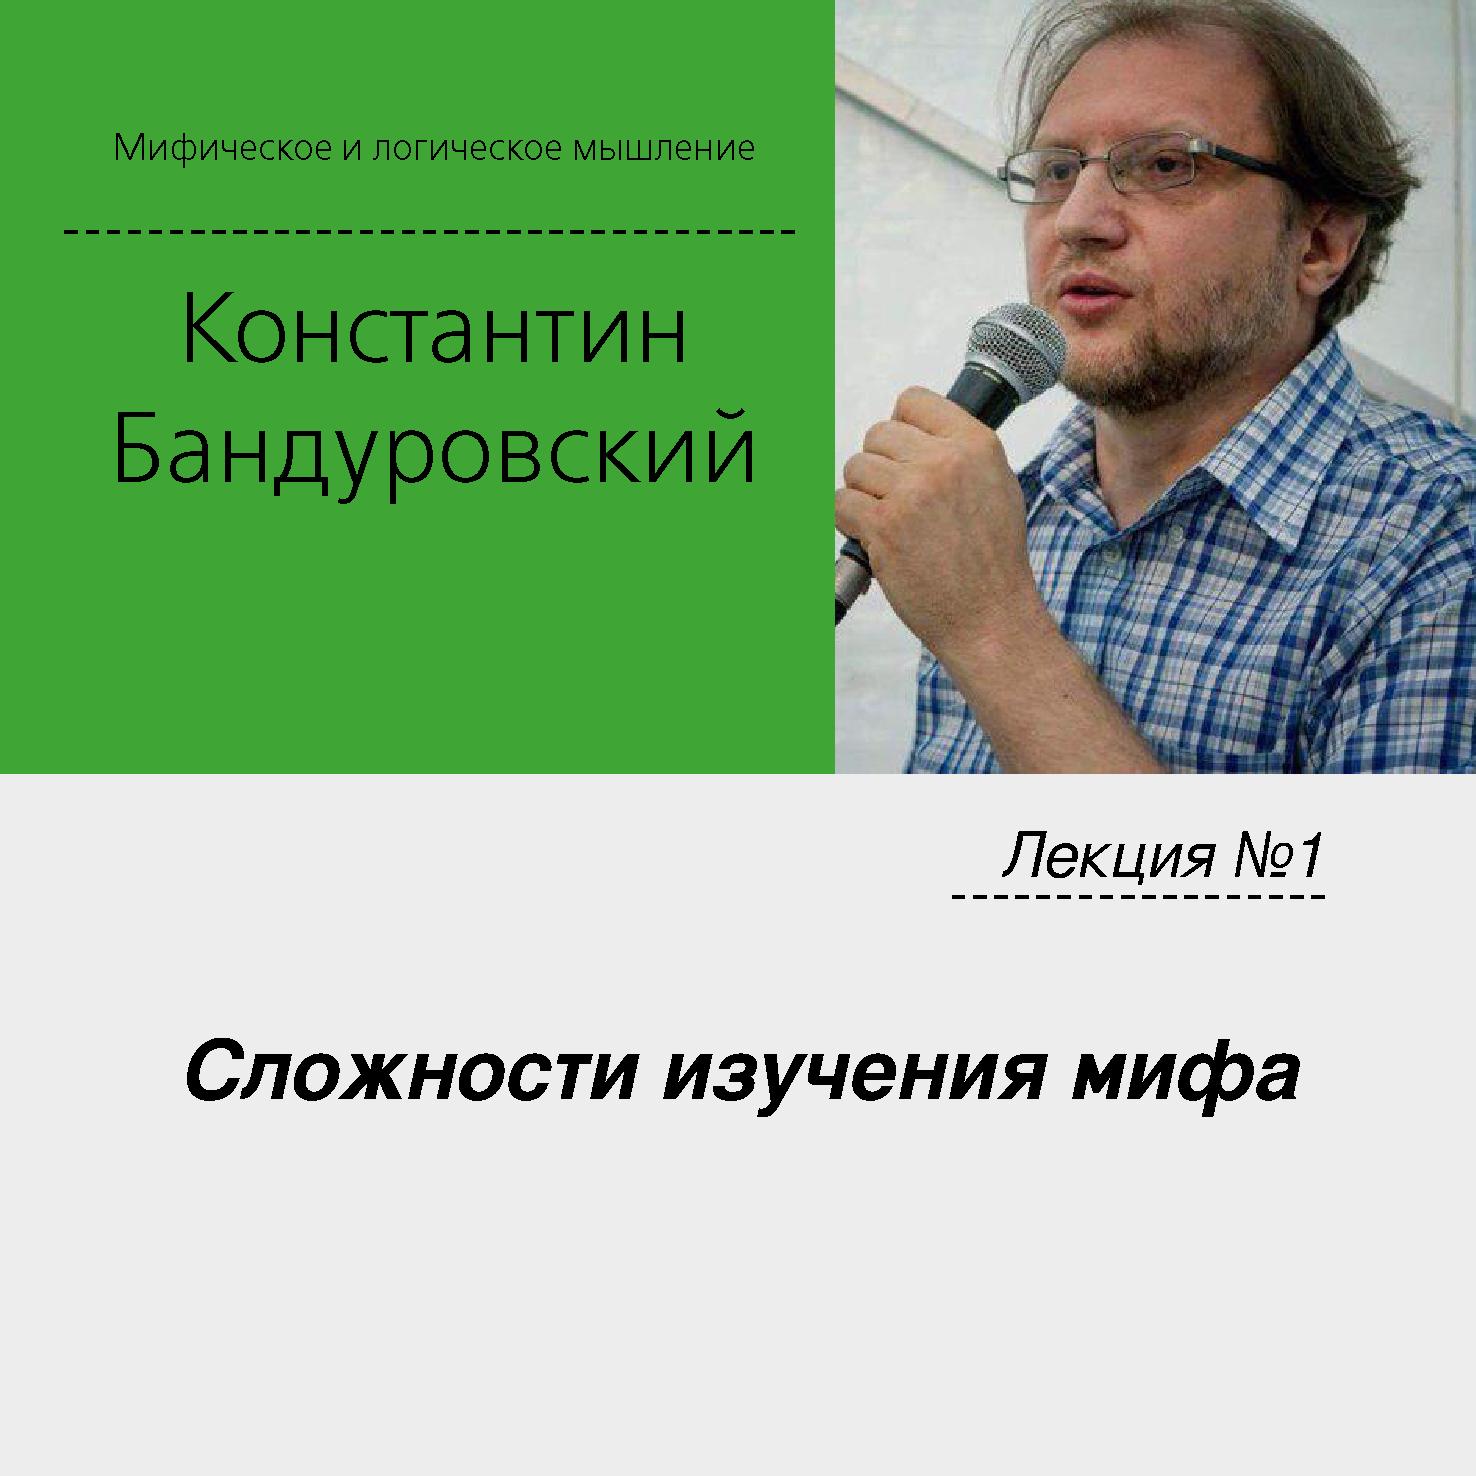 Константин Бандуровский Лекция №1 «Сложности изучения мифа»